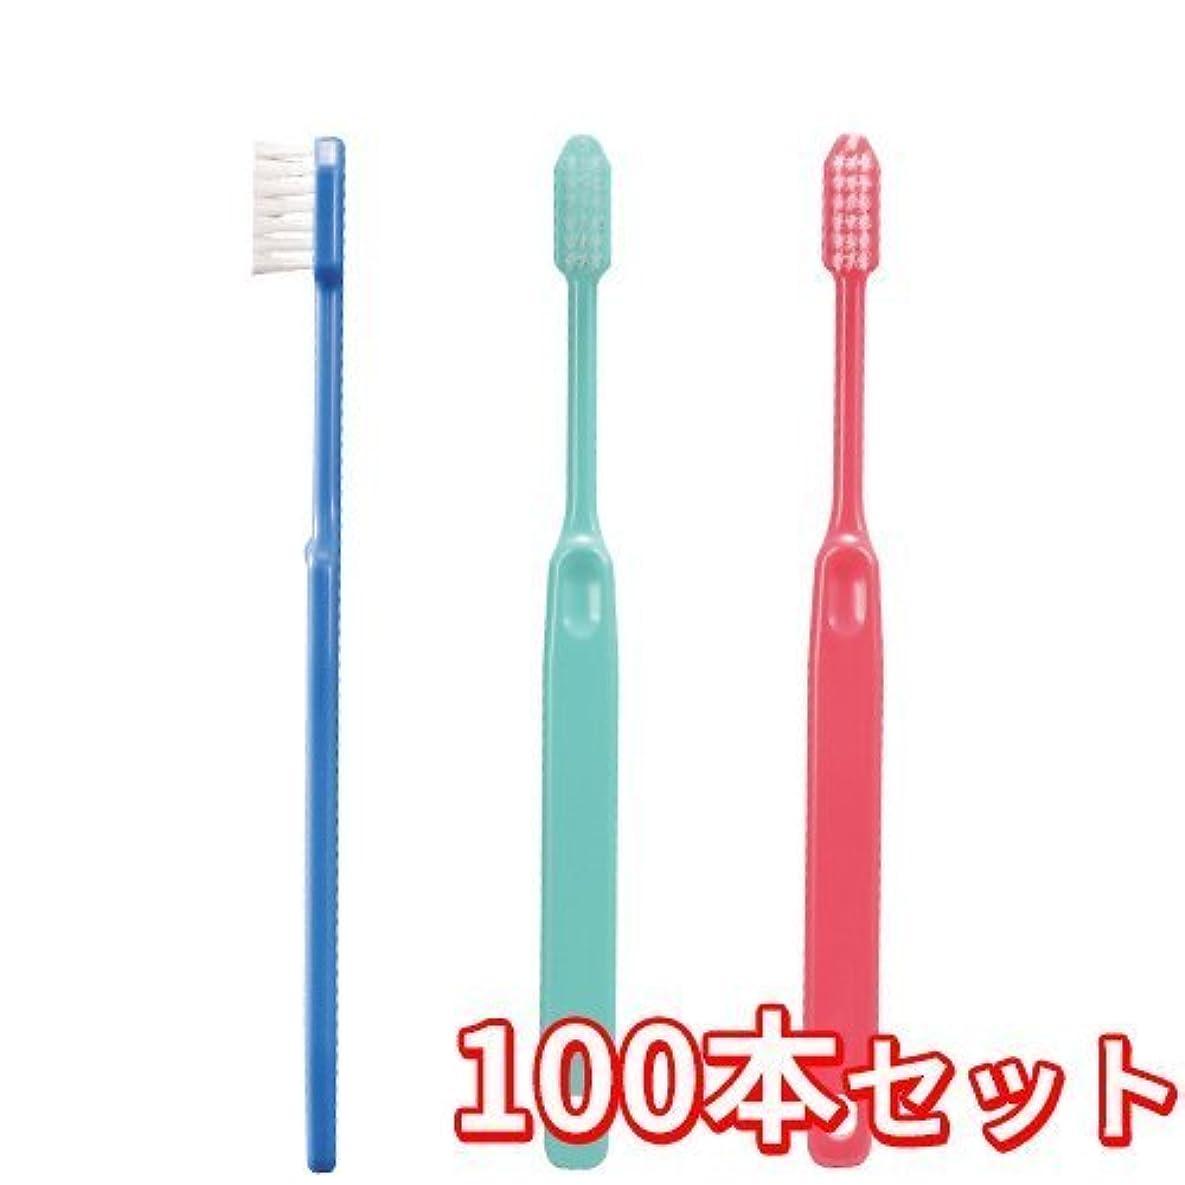 侵略寂しい明るいCiメディカル 歯ブラシ コンパクトヘッド 疎毛タイプ アソート 100本 (Ci23(やややわらかめ))